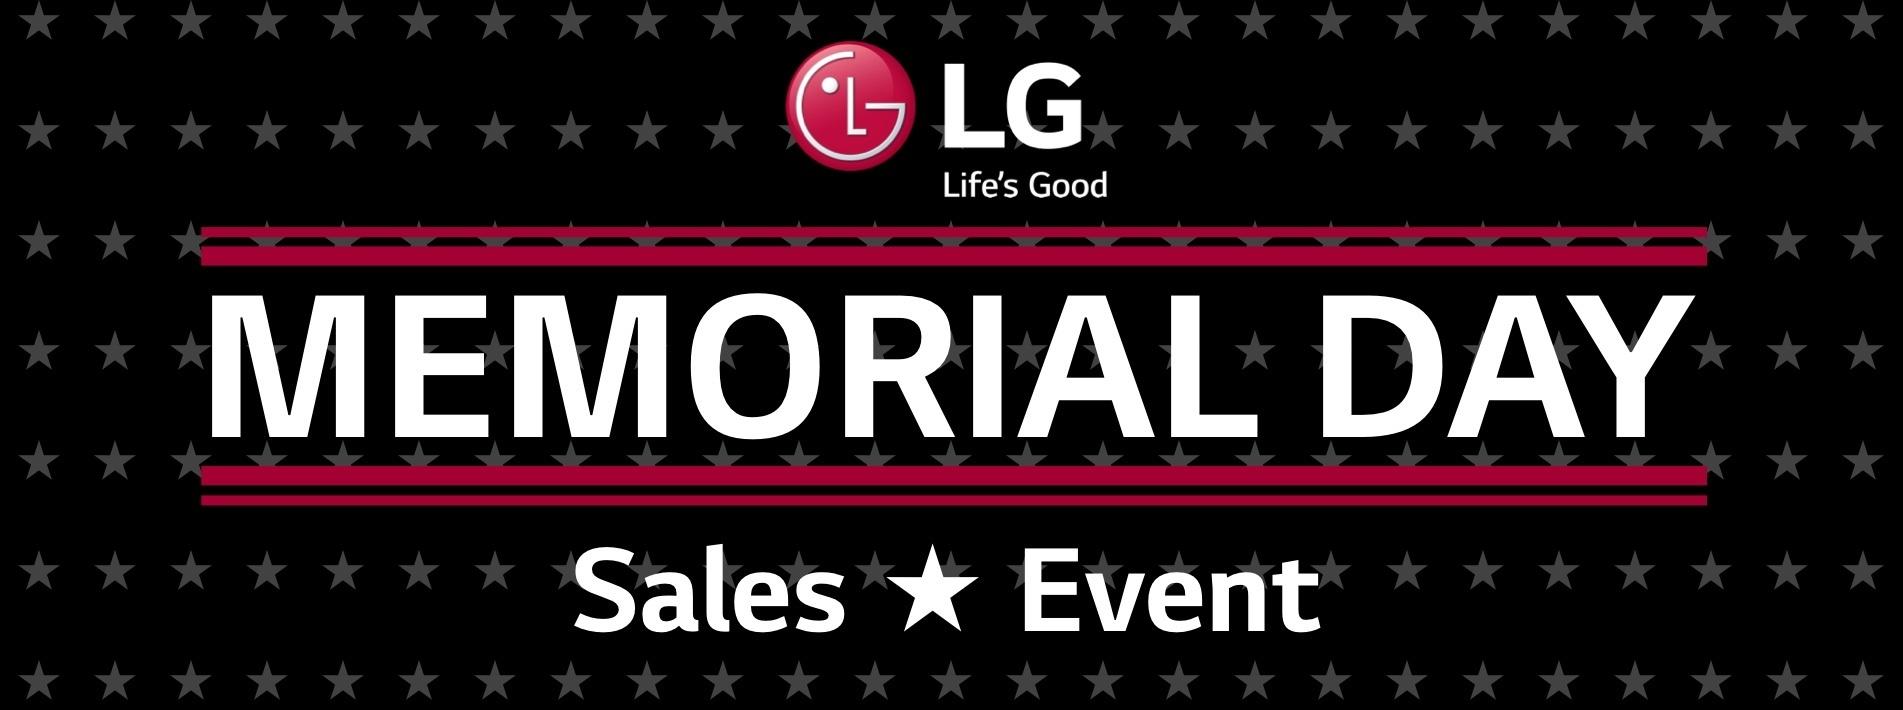 LG Memorial Day 2021